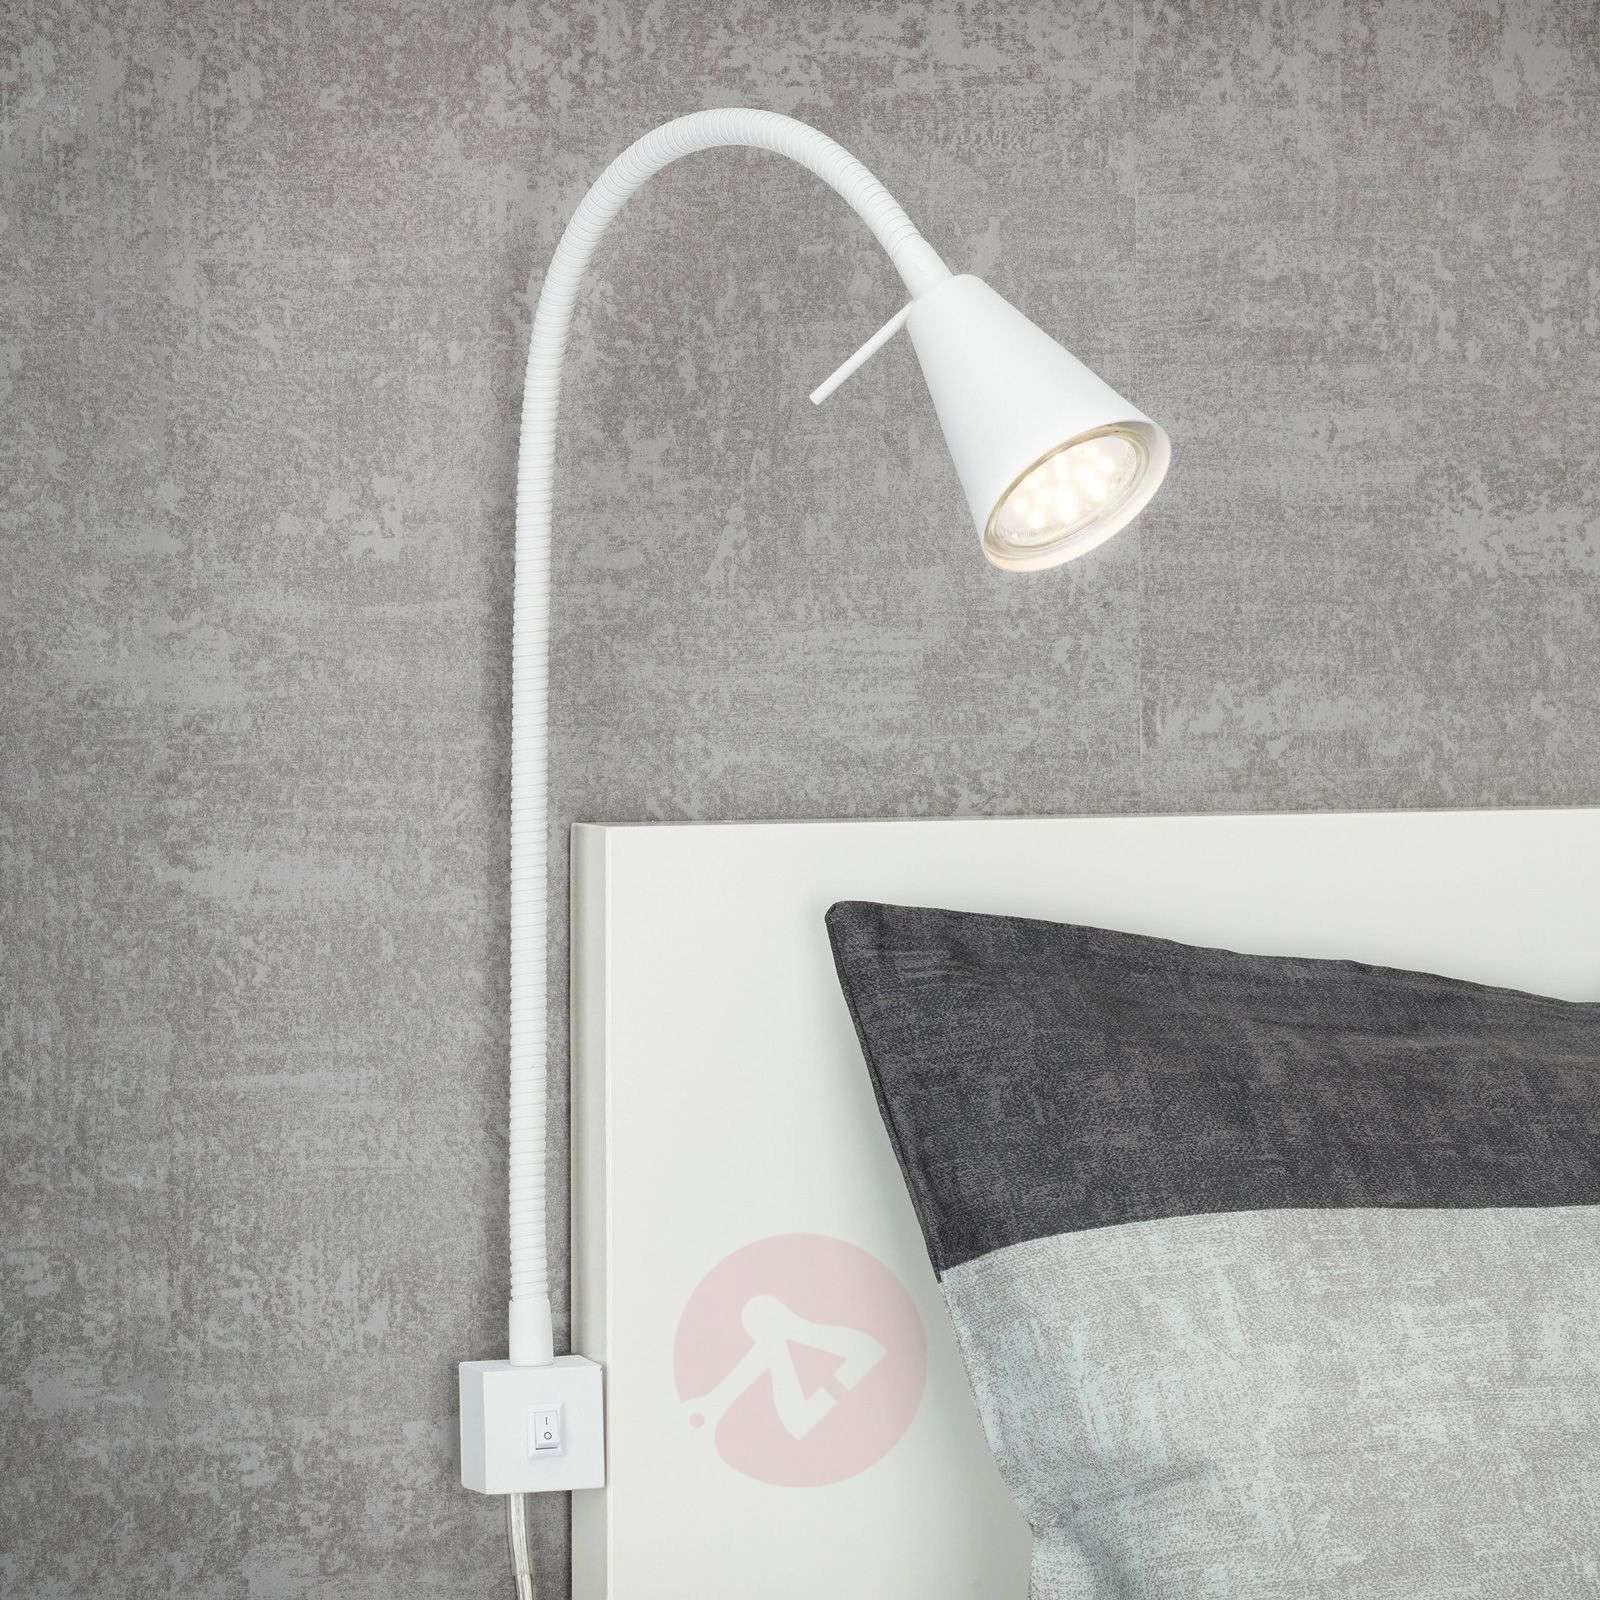 Briloner Kinkiet LED 2080 do montażu przy łóżku, biały